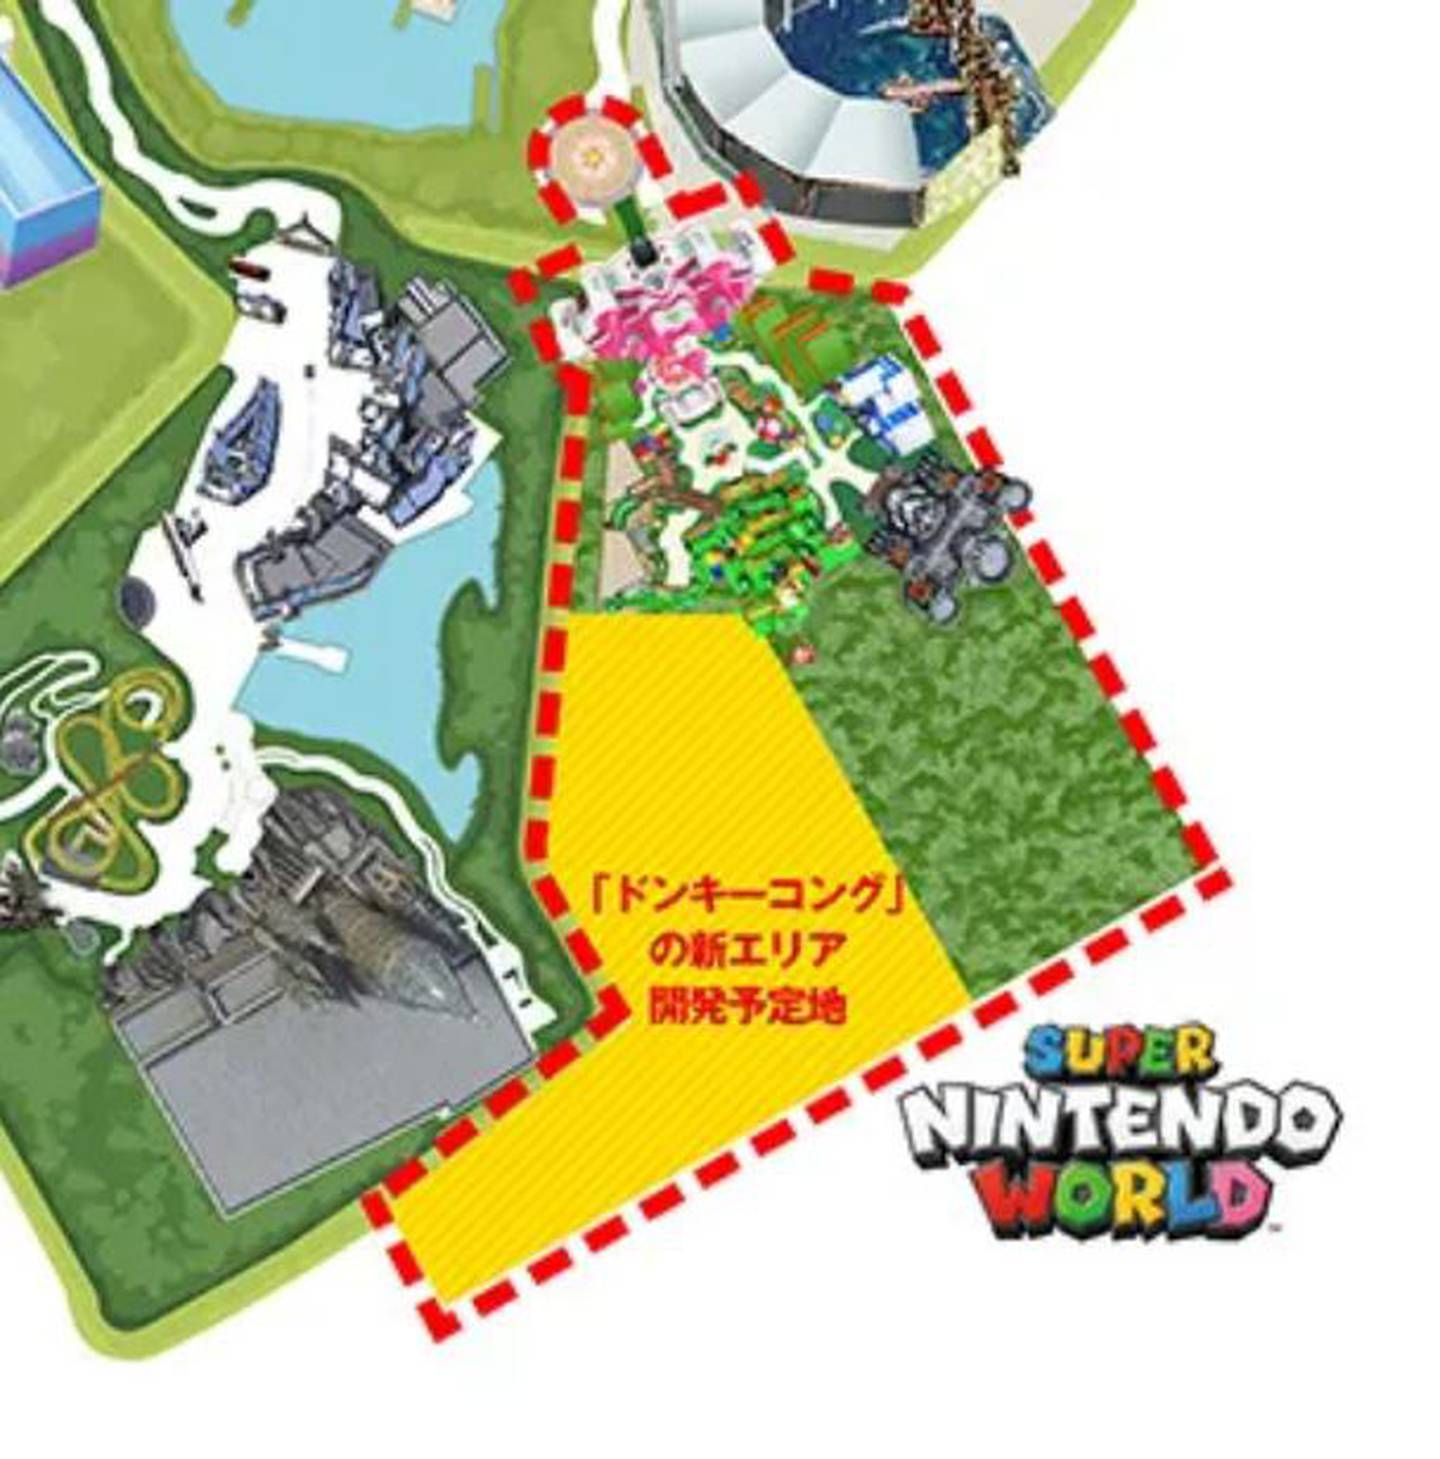 Mapa de Super Nintendo World con la zona marcada para el área temática de Donkey Kong.